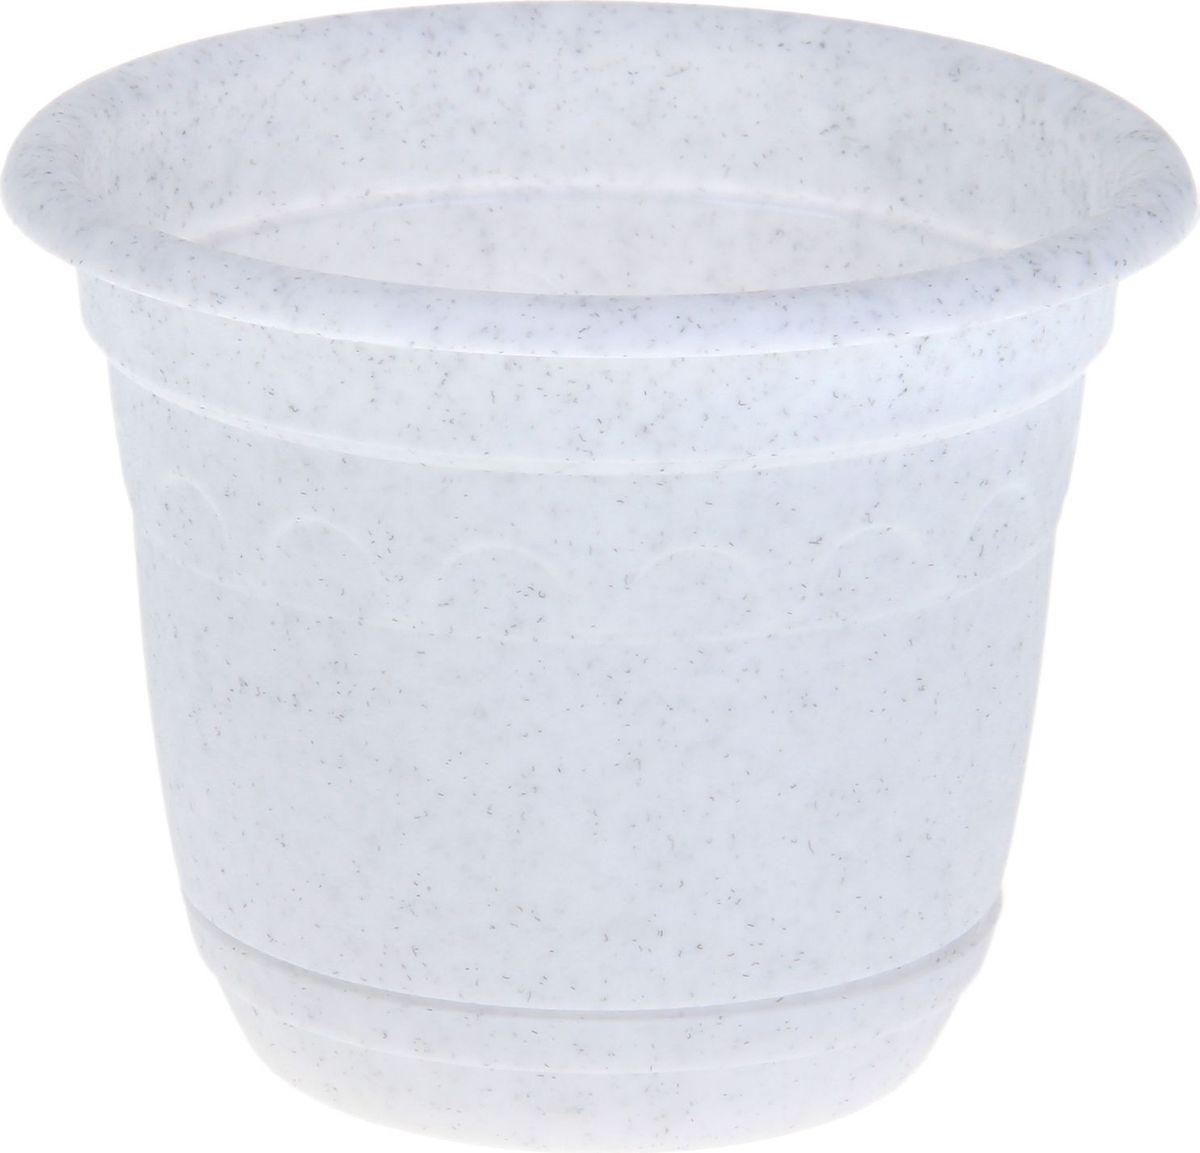 Горшок Martika Колывань, с поддоном, цвет: мрамор, 0,45 л531-402Любой, даже самый современный и продуманный интерьер будет не завершённым без растений. Они не только очищают воздух и насыщают его кислородом, но и заметно украшают окружающее пространство. Такому полезному &laquo члену семьи&raquoпросто необходимо красивое и функциональное кашпо, оригинальный горшок или необычная ваза! Мы предлагаем - Горшок 0,45 л Колывань с поддоном d=11 см, цвет мрамор!Оптимальный выбор материала &mdash &nbsp пластмасса! Почему мы так считаем? Малый вес. С лёгкостью переносите горшки и кашпо с места на место, ставьте их на столики или полки, подвешивайте под потолок, не беспокоясь о нагрузке. Простота ухода. Пластиковые изделия не нуждаются в специальных условиях хранения. Их&nbsp легко чистить &mdashдостаточно просто сполоснуть тёплой водой. Никаких царапин. Пластиковые кашпо не царапают и не загрязняют поверхности, на которых стоят. Пластик дольше хранит влагу, а значит &mdashрастение реже нуждается в поливе. Пластмасса не пропускает воздух &mdashкорневой системе растения не грозят резкие перепады температур. Огромный выбор форм, декора и расцветок &mdashвы без труда подберёте что-то, что идеально впишется в уже существующий интерьер.Соблюдая нехитрые правила ухода, вы можете заметно продлить срок службы горшков, вазонов и кашпо из пластика: всегда учитывайте размер кроны и корневой системы растения (при разрастании большое растение способно повредить маленький горшок)берегите изделие от воздействия прямых солнечных лучей, чтобы кашпо и горшки не выцветалидержите кашпо и горшки из пластика подальше от нагревающихся поверхностей.Создавайте прекрасные цветочные композиции, выращивайте рассаду или необычные растения, а низкие цены позволят вам не ограничивать себя в выборе.